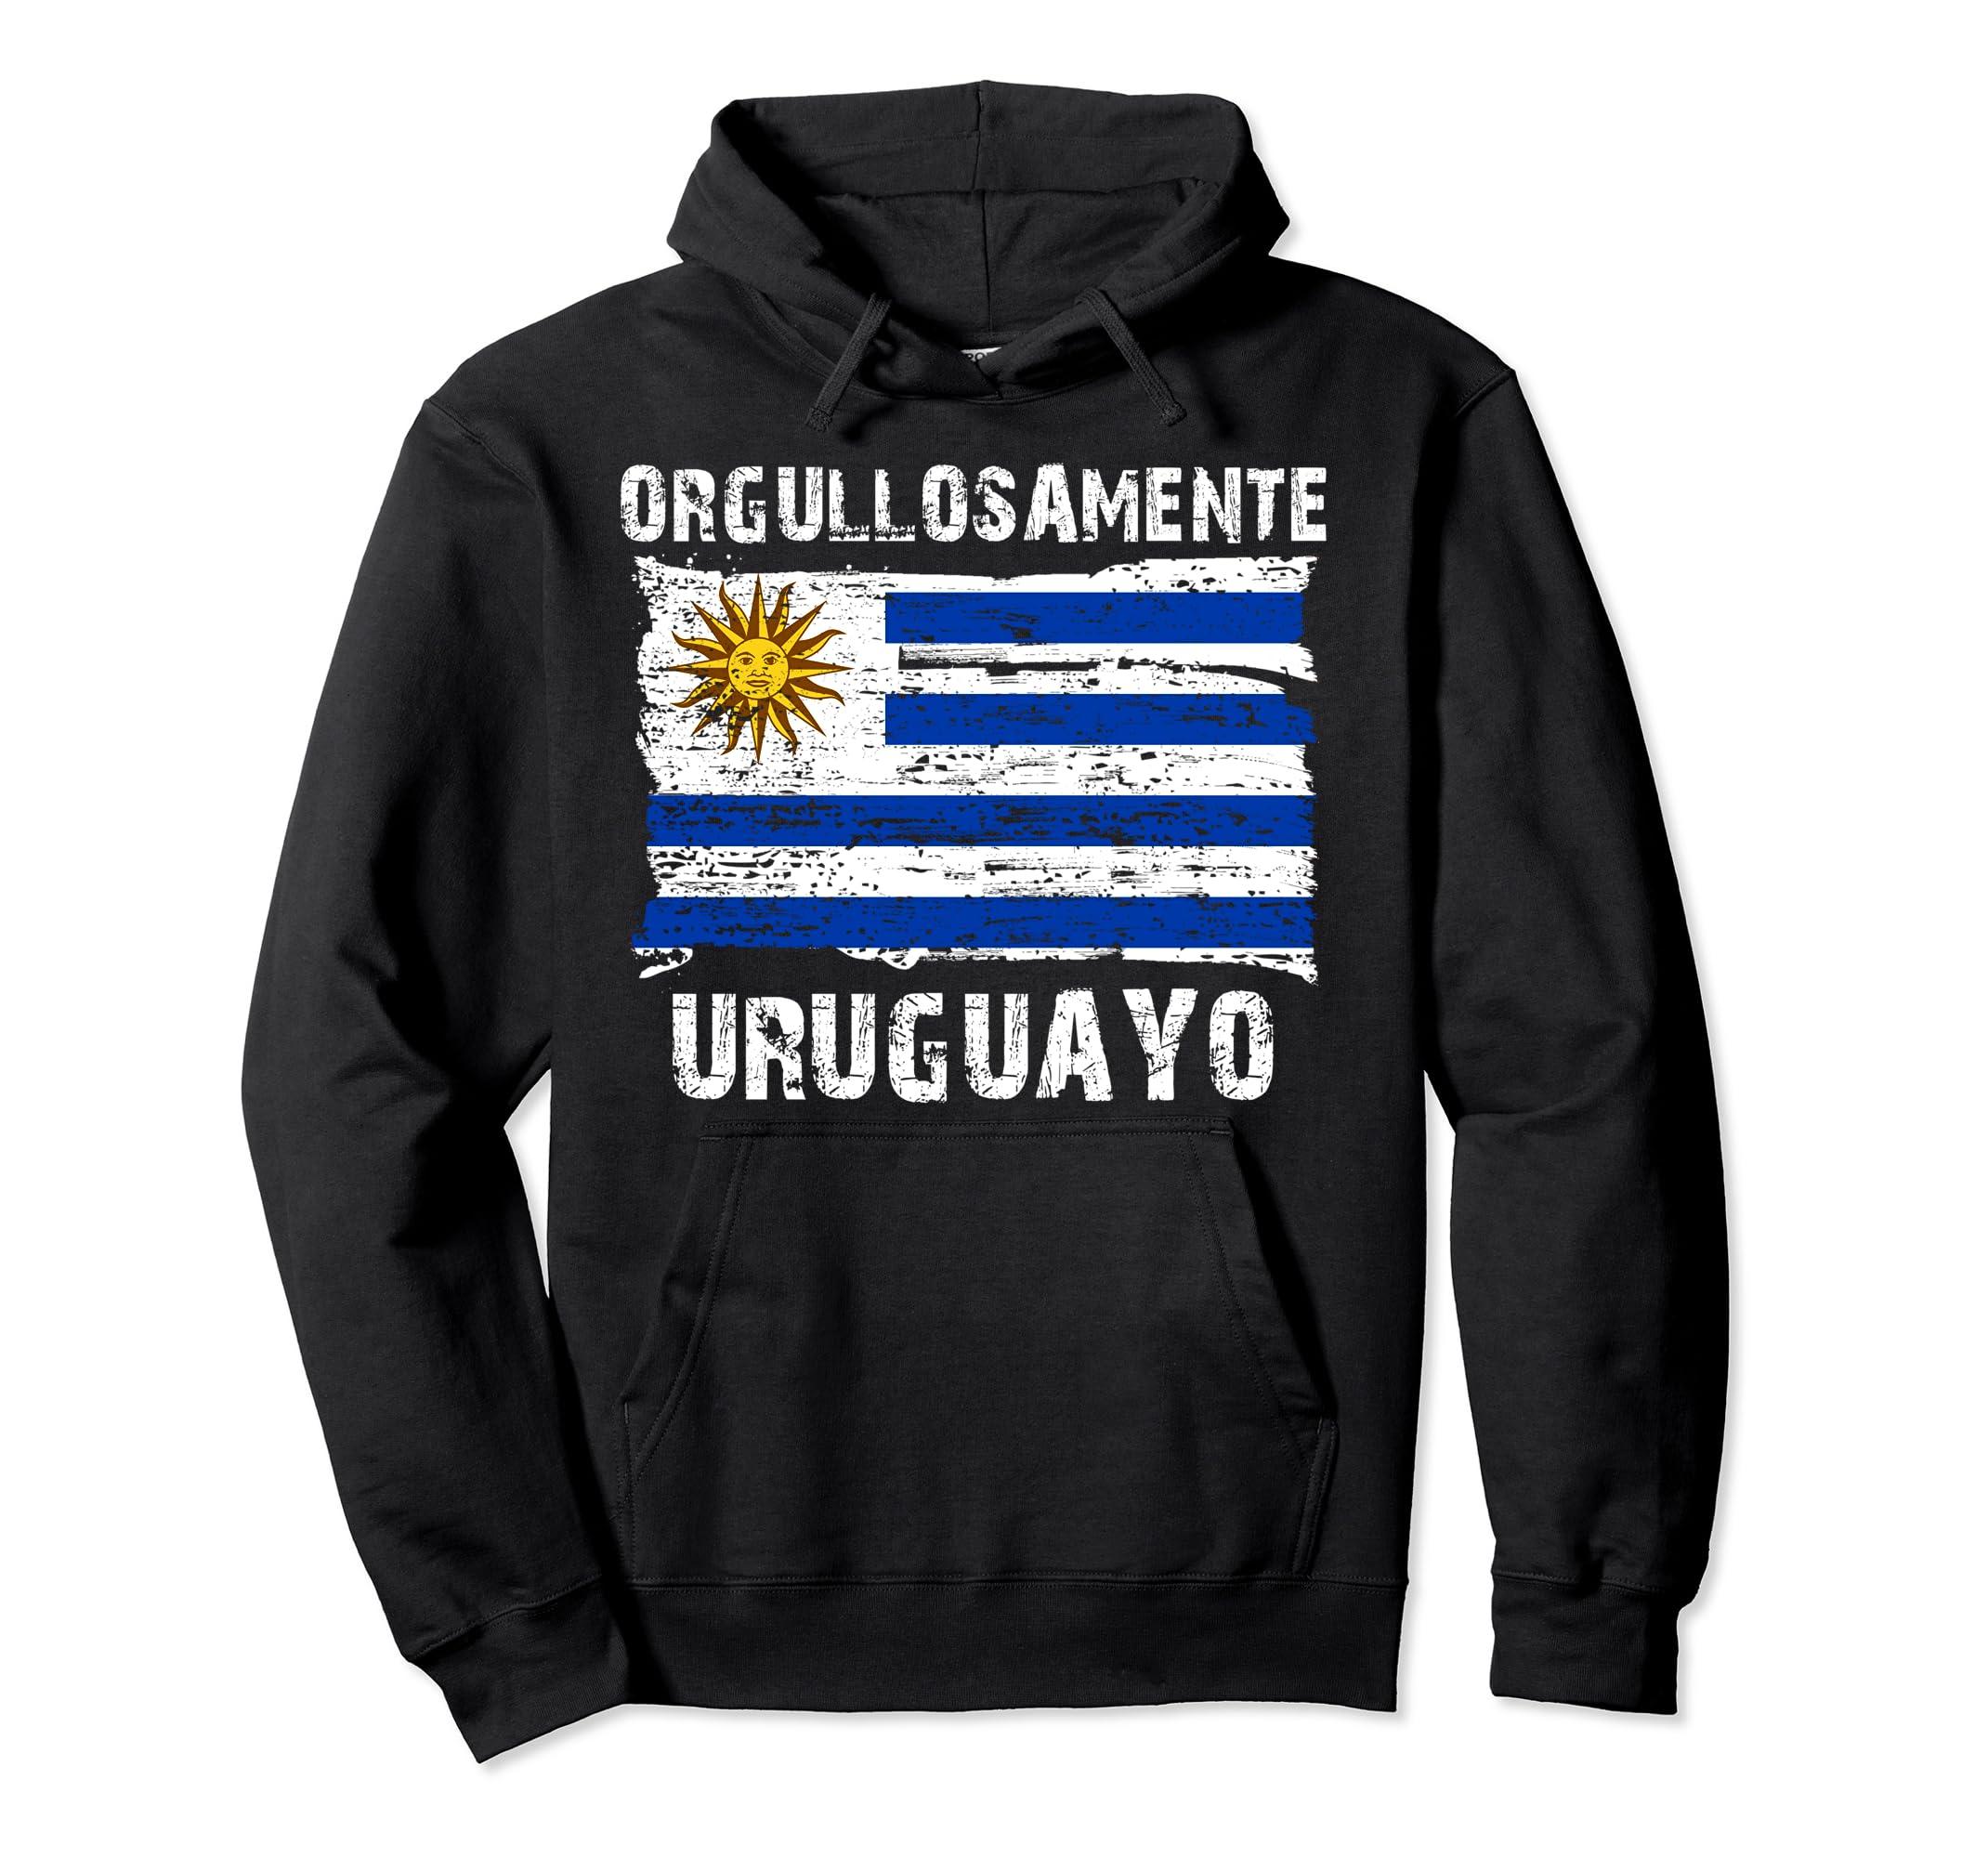 Amazon.com: Orgullosamente Uruguayo Sudadera para hombres y mujeres: Clothing